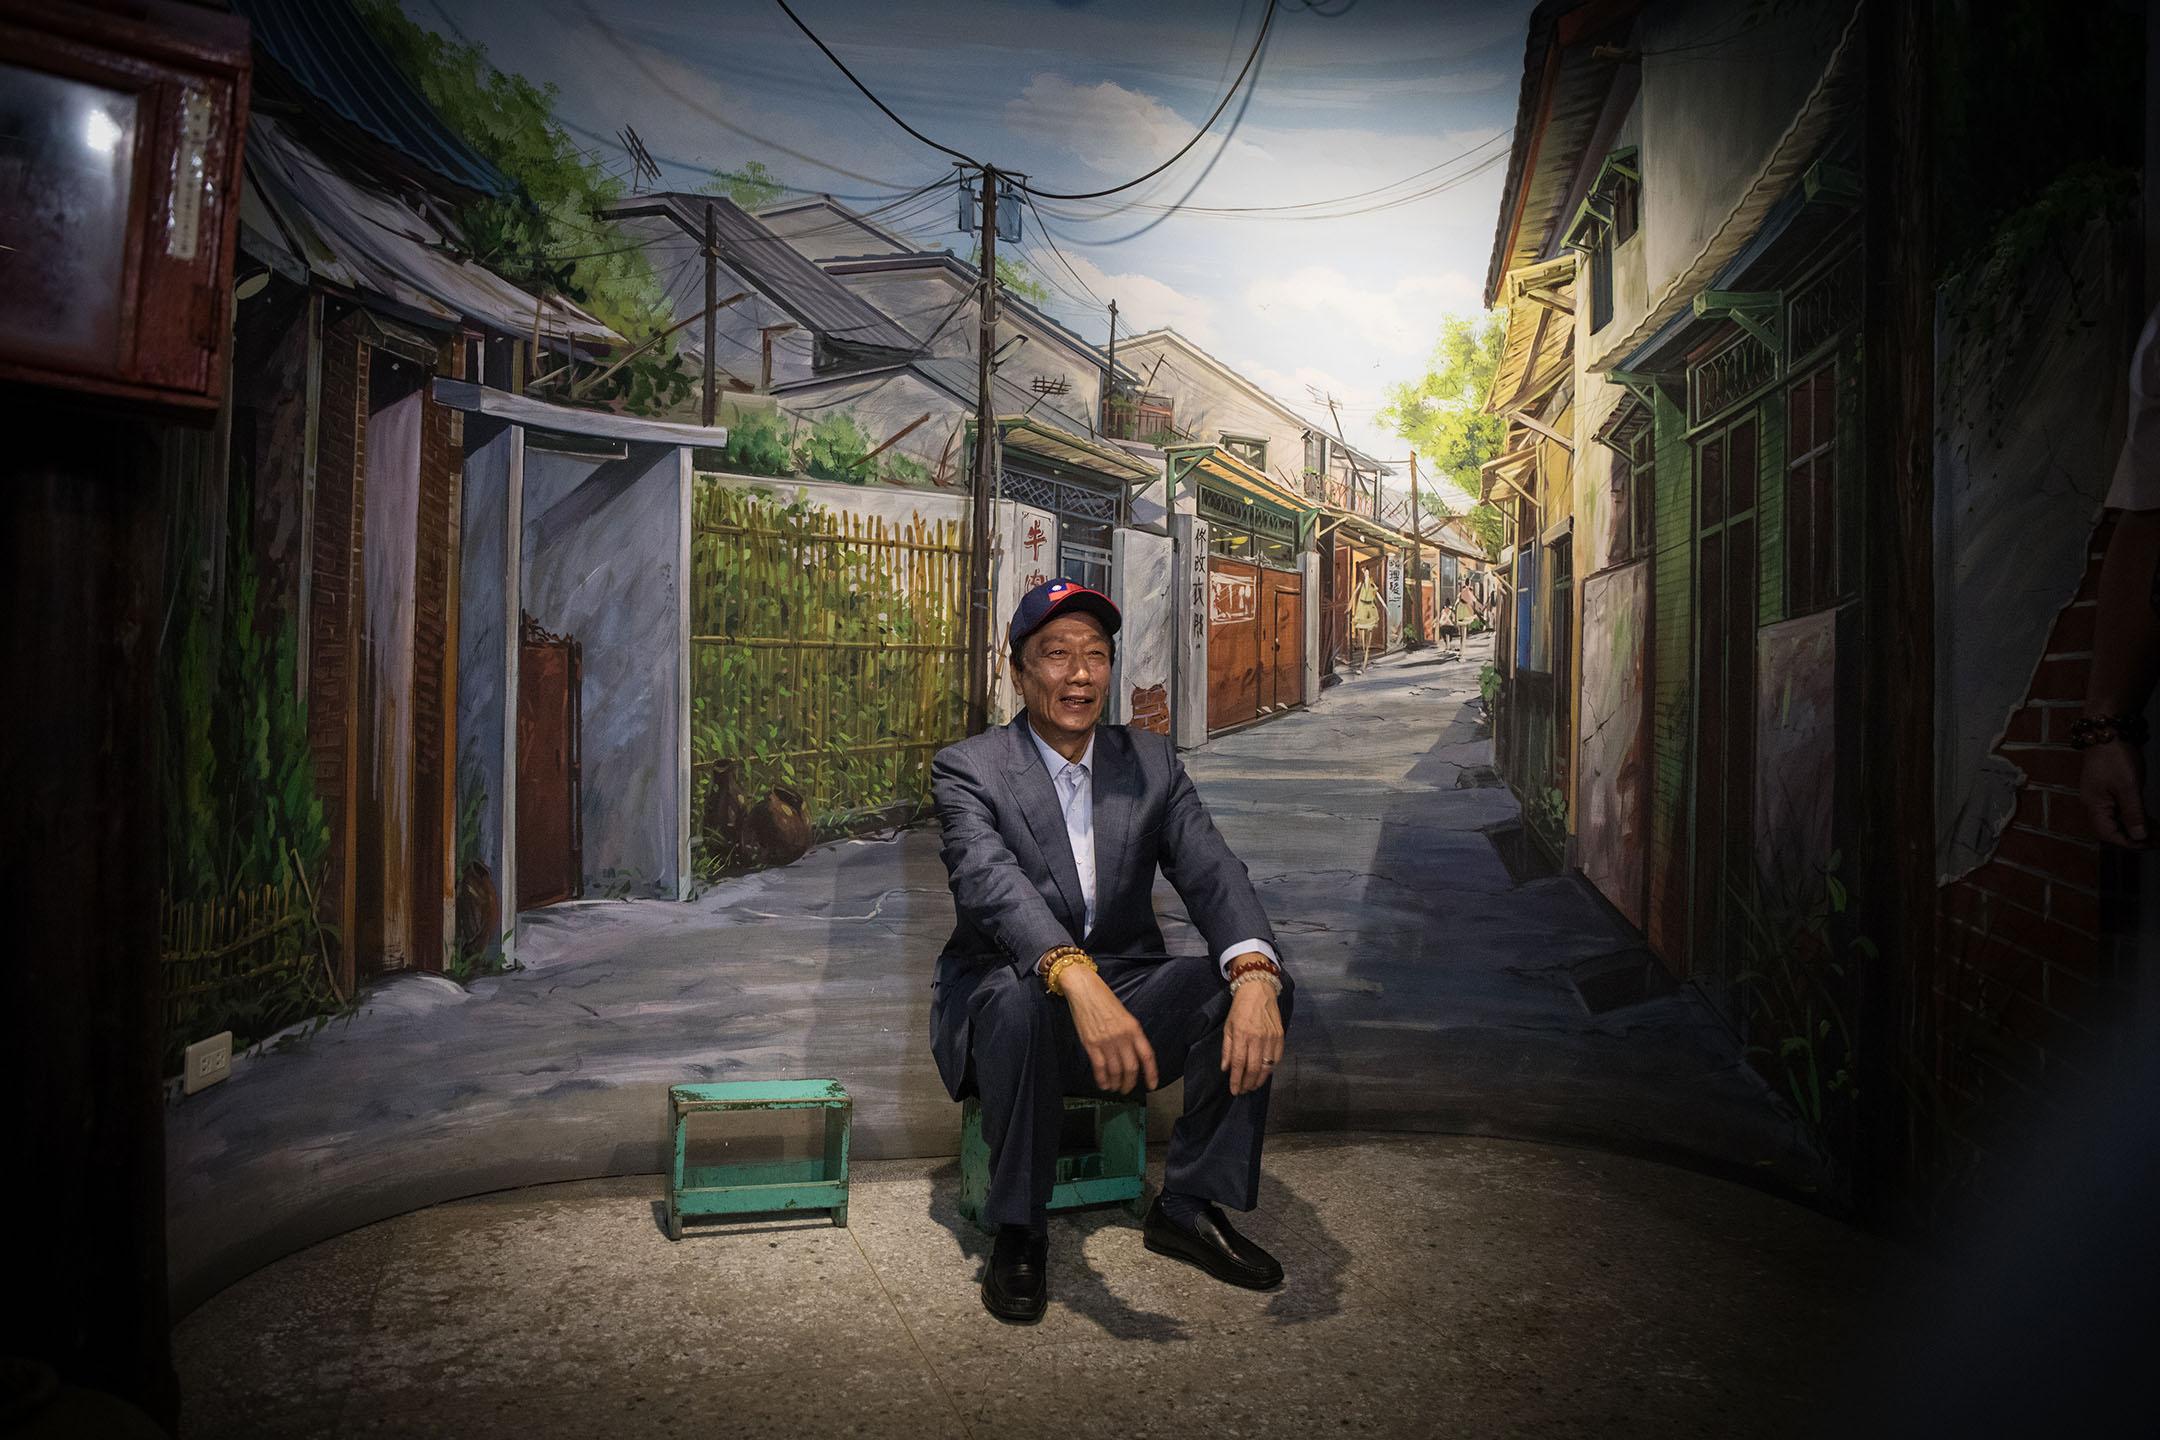 2019年4月26日,郭台銘前往新竹市眷村博物館參觀。 攝:陳焯煇/端傳媒